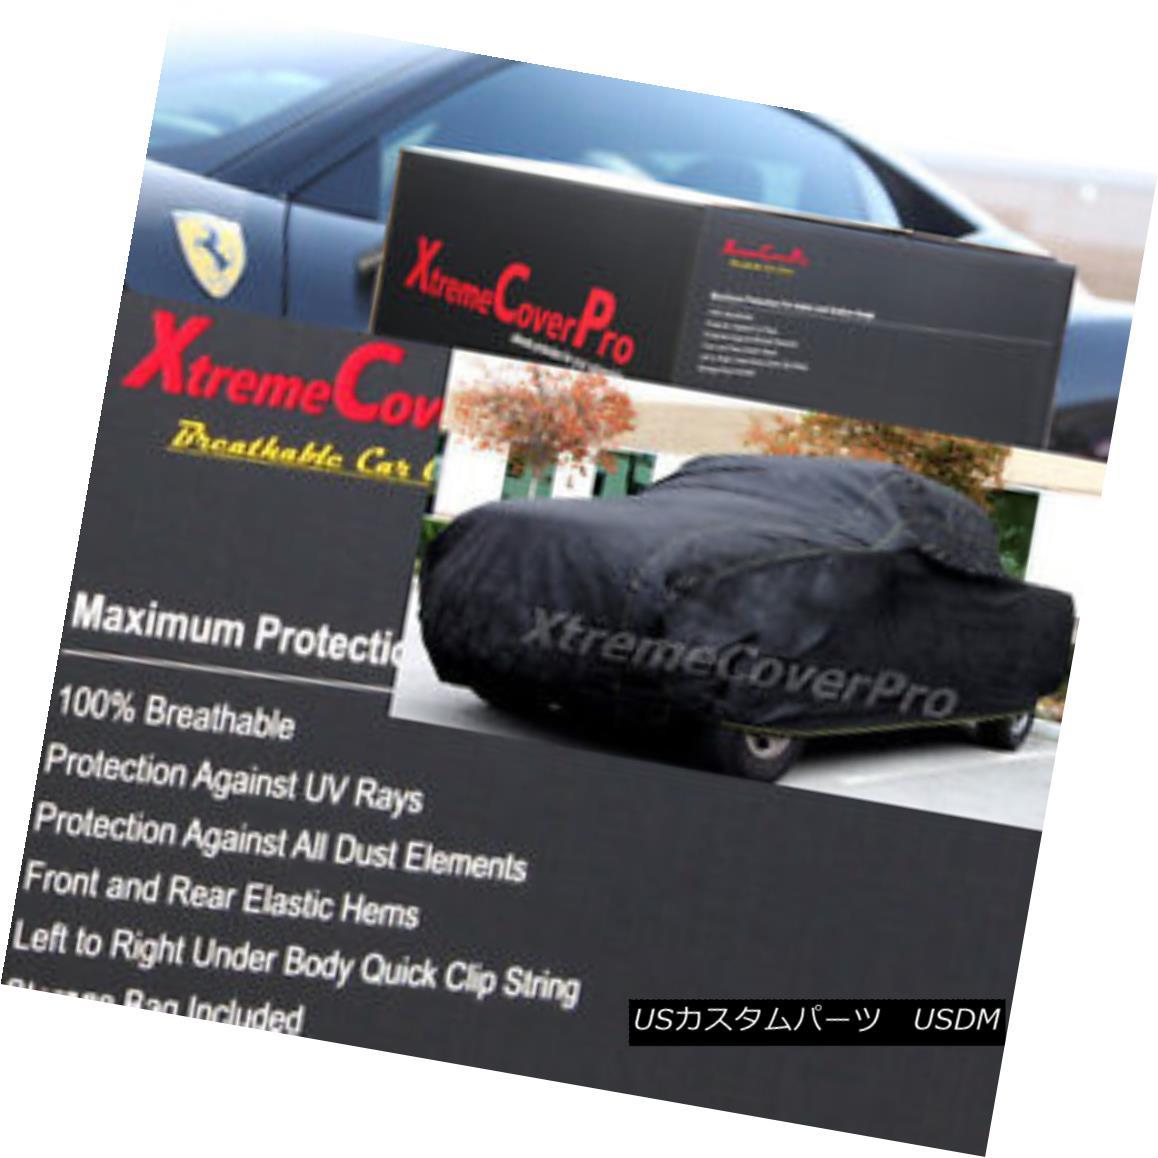 カーカバー 1999 2000 Chevy Silverado 1500 Ext Cab 8ft Long Bed Breathable Truck Cover 1999年2000シボレーシルバラード1500エクステンションキャブ8ftロングベッド通気性トラックカバー